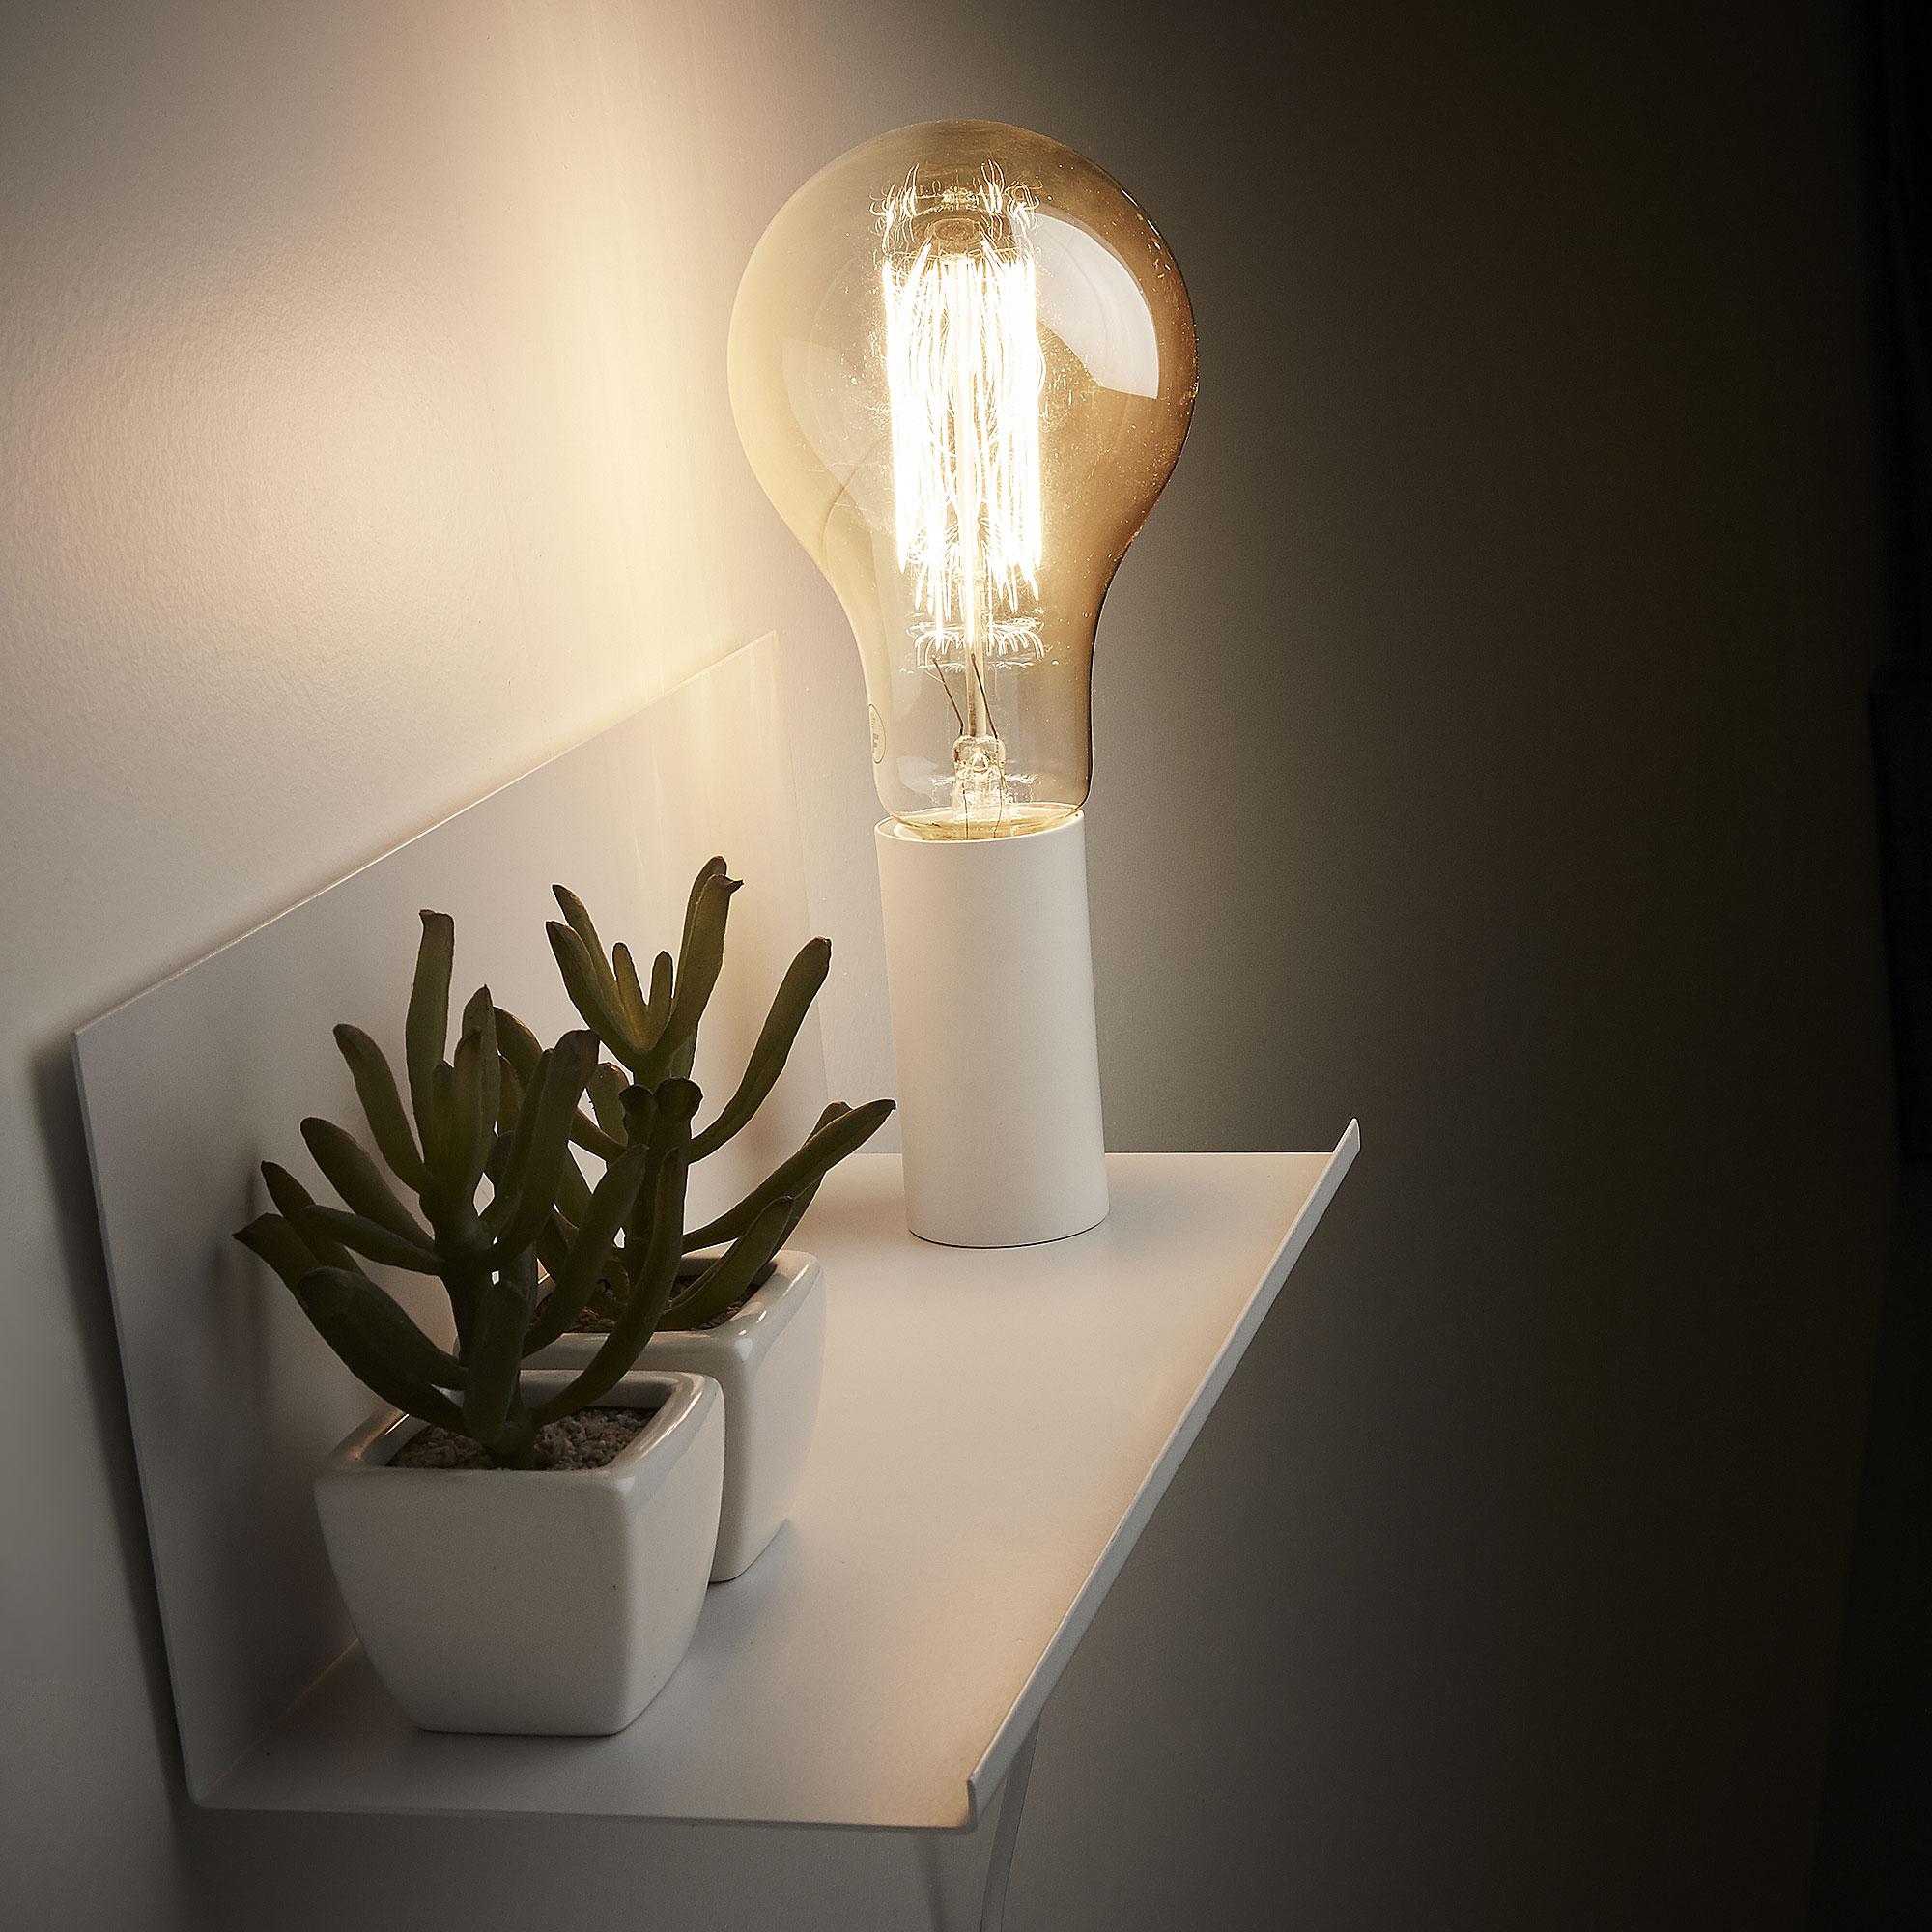 Verlichting kopen van Kave Home